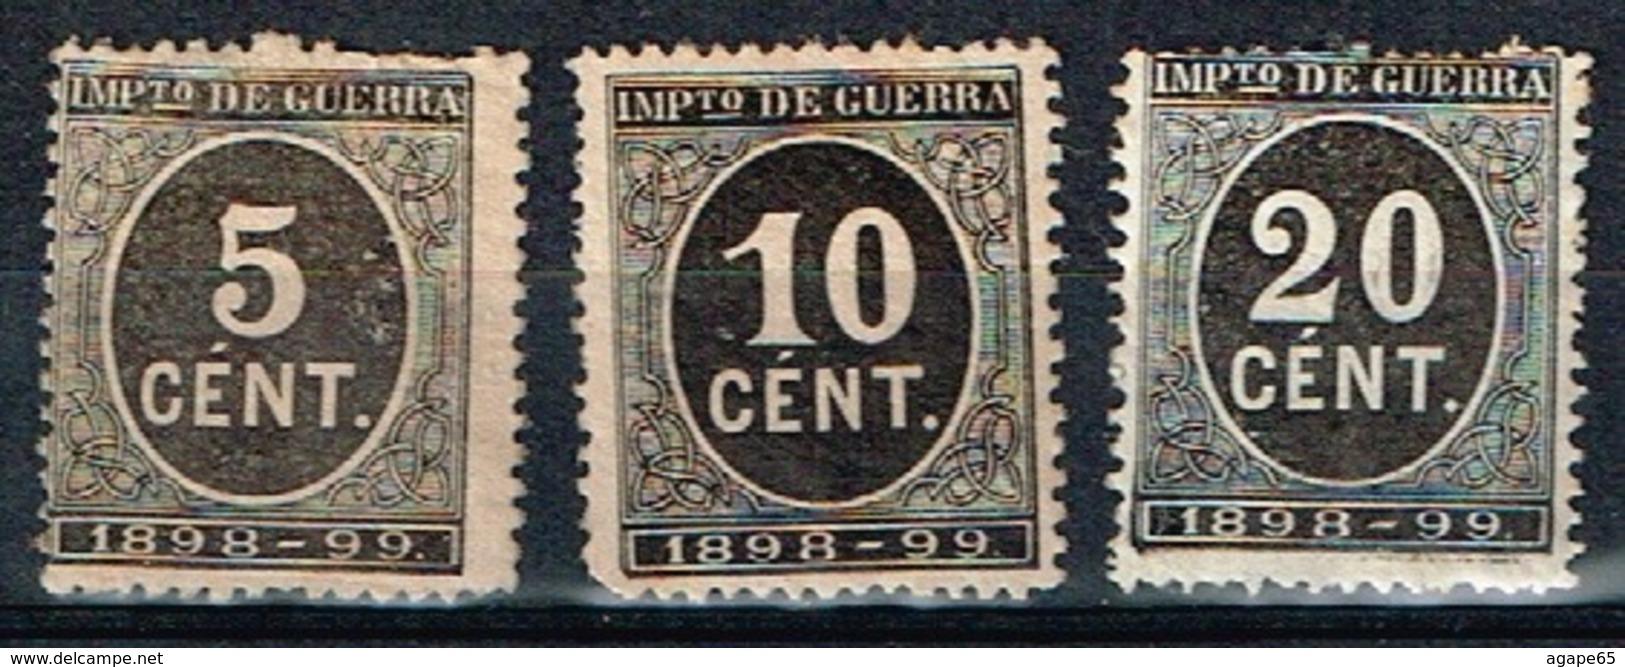 Impuesto De Guerra 1898-99, 5,10 Y 20 Cts - Impuestos De Guerra